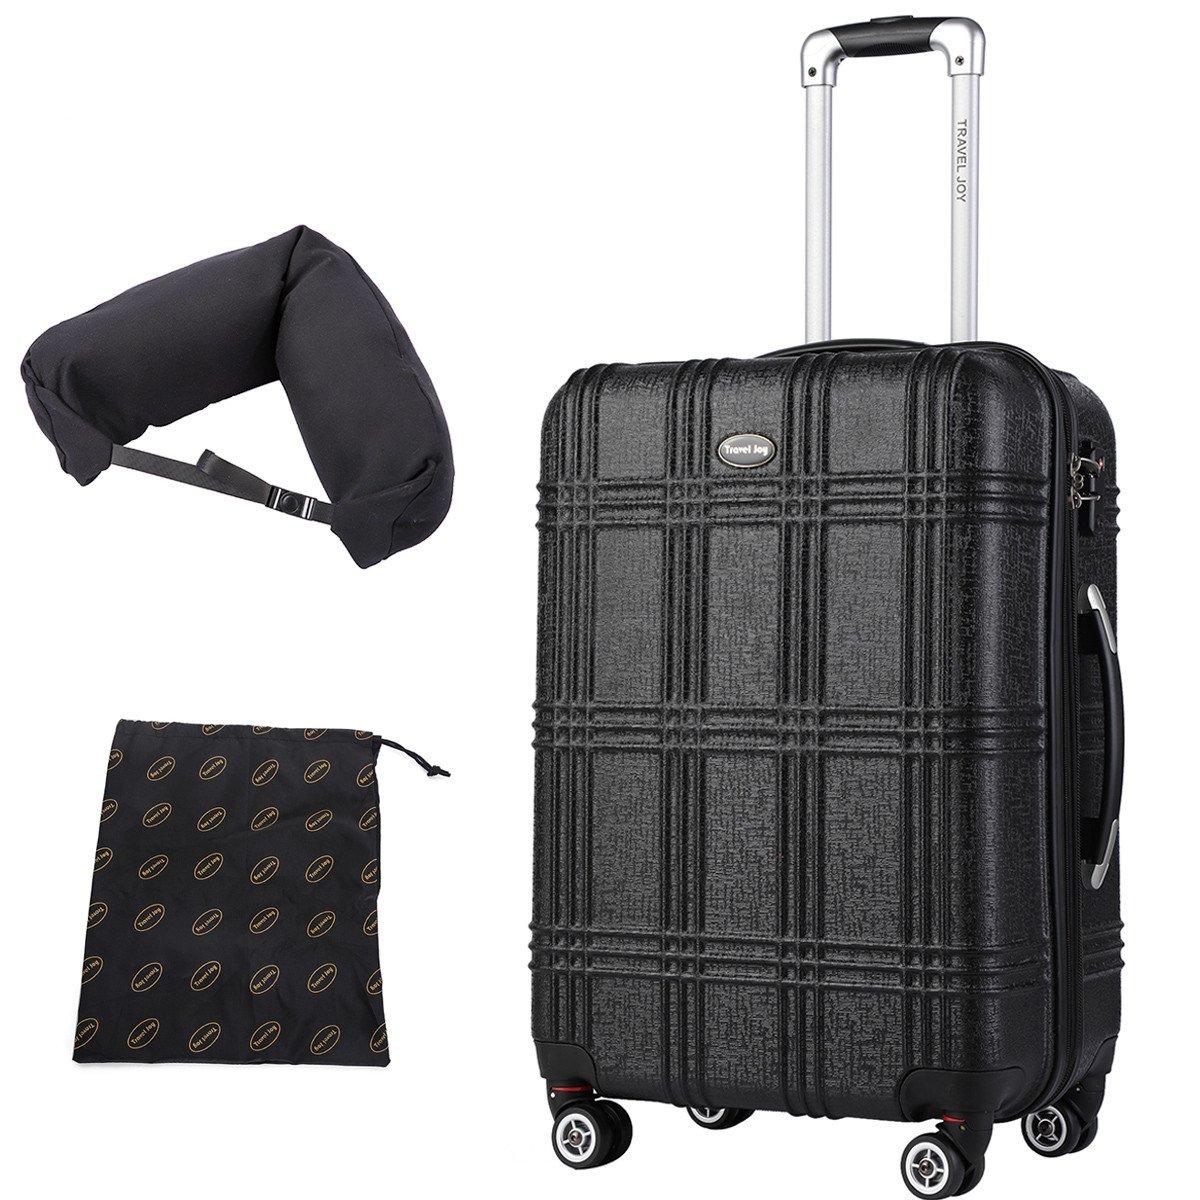 Expandable Spinner Luggage Set,TSA lightweight Hardside Luggage Sets, 20'' 24''28 inches Luggage (BLACK-1, 20 inches) by Travel Joy (Image #2)